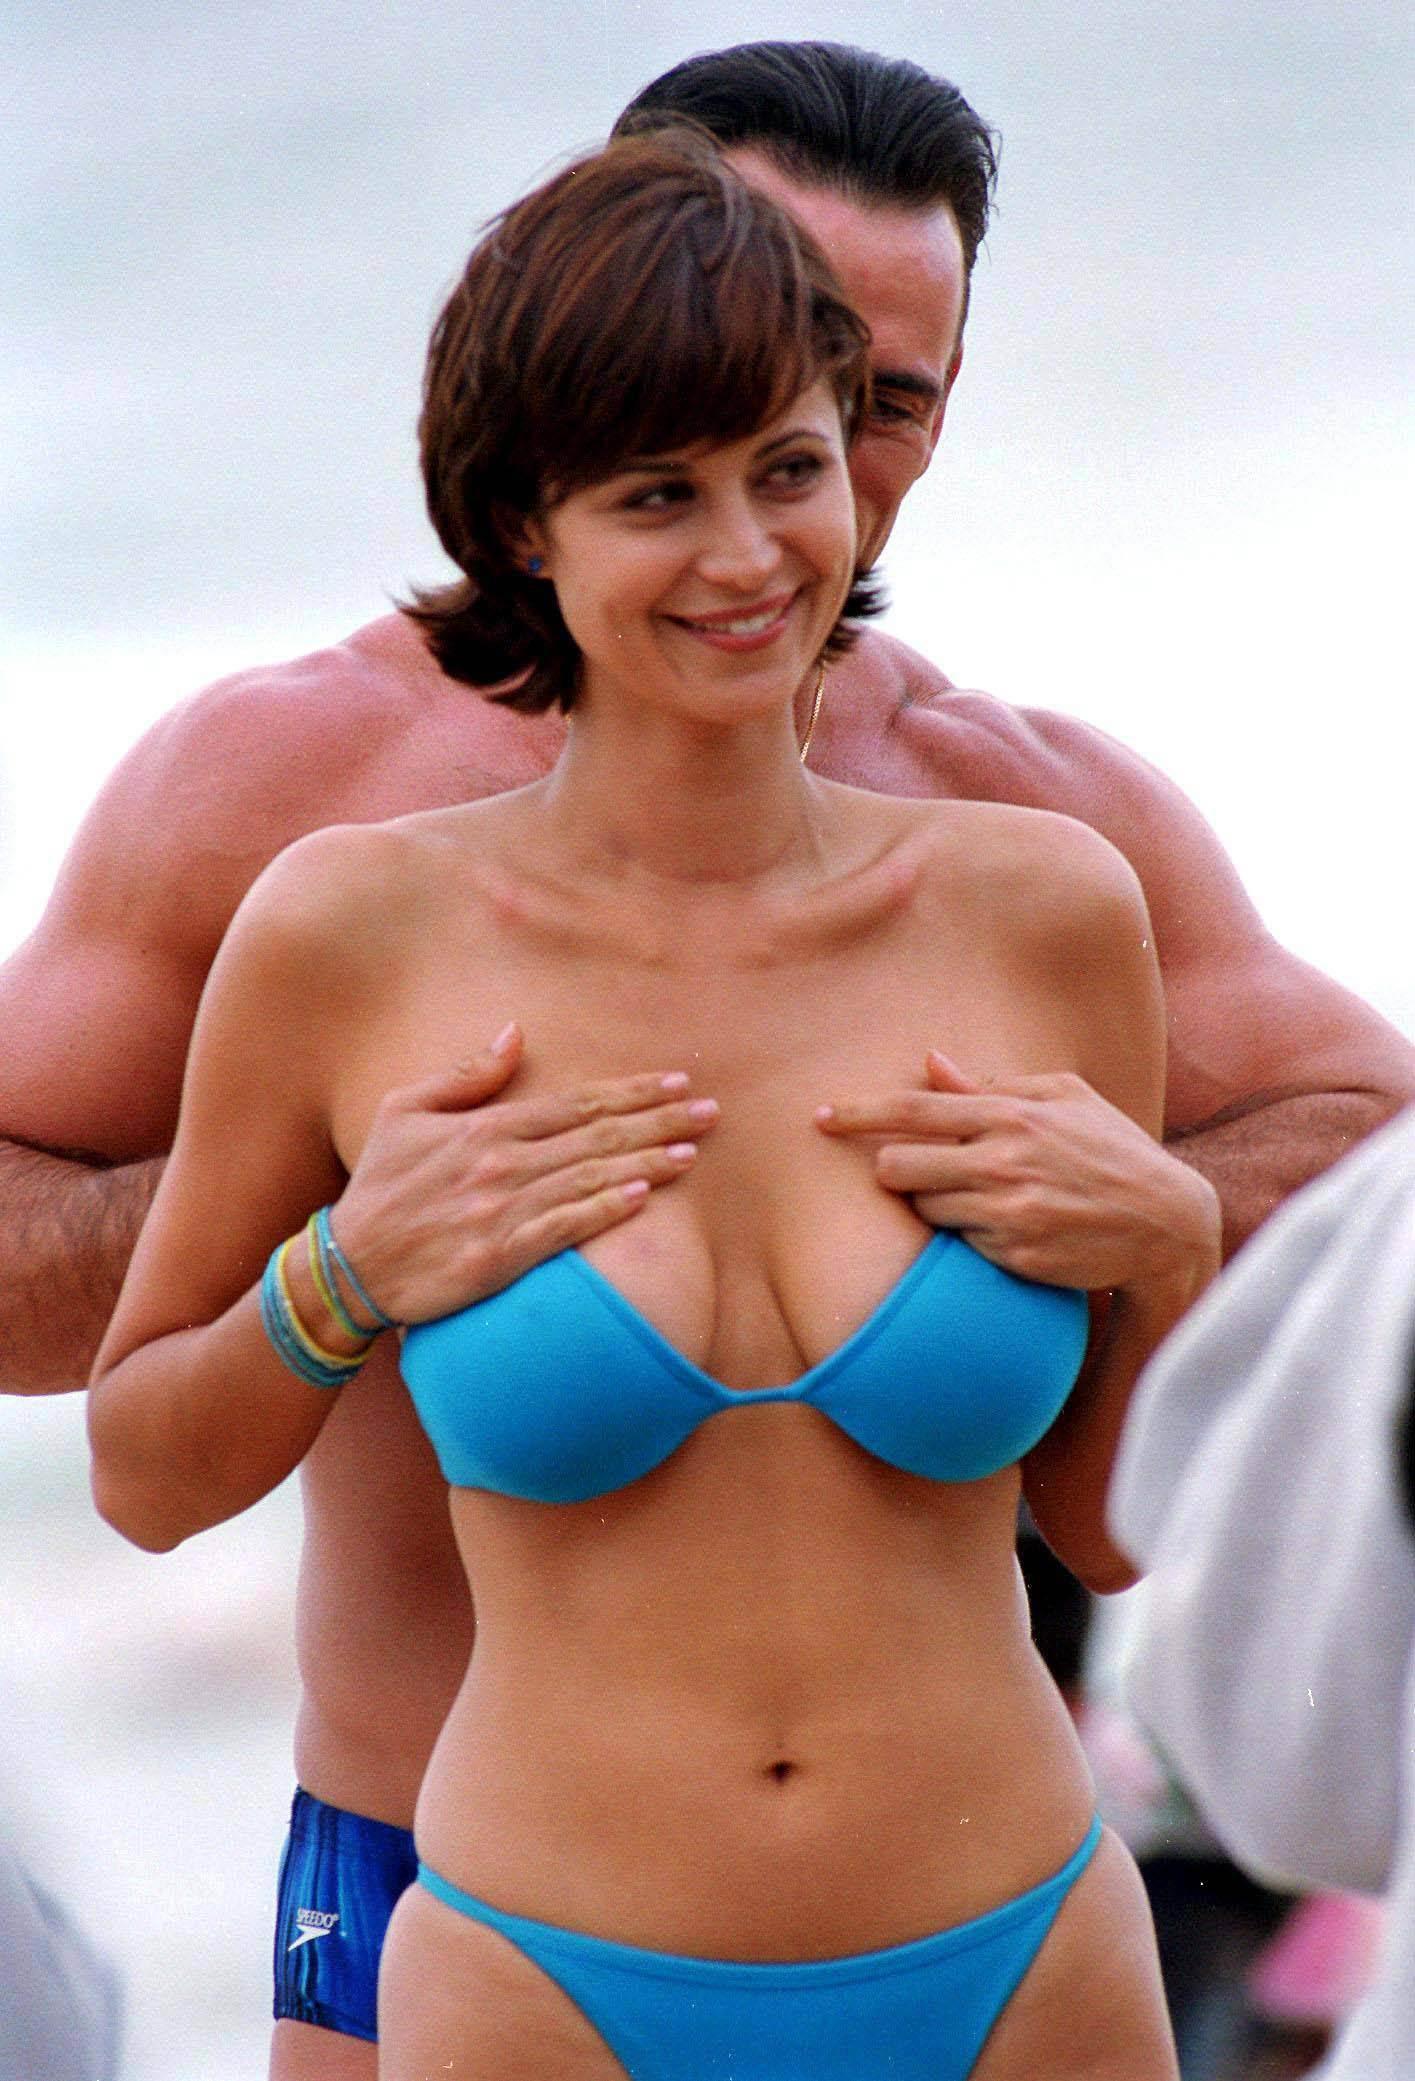 Sarah Michelle Gellar deleted sex scene